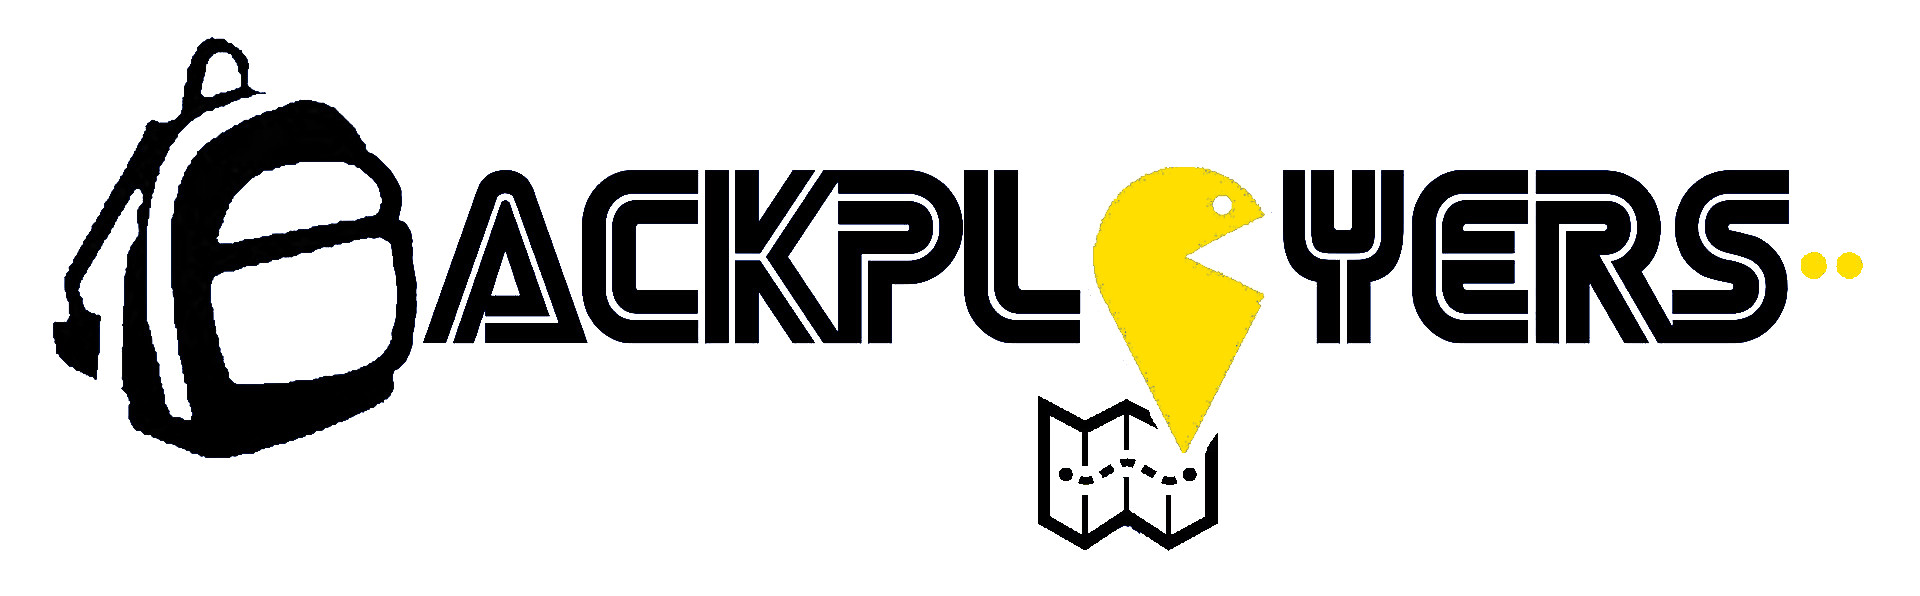 Il progetto BackPlayers è stato approvato e finanziato dall'Unione Europea!